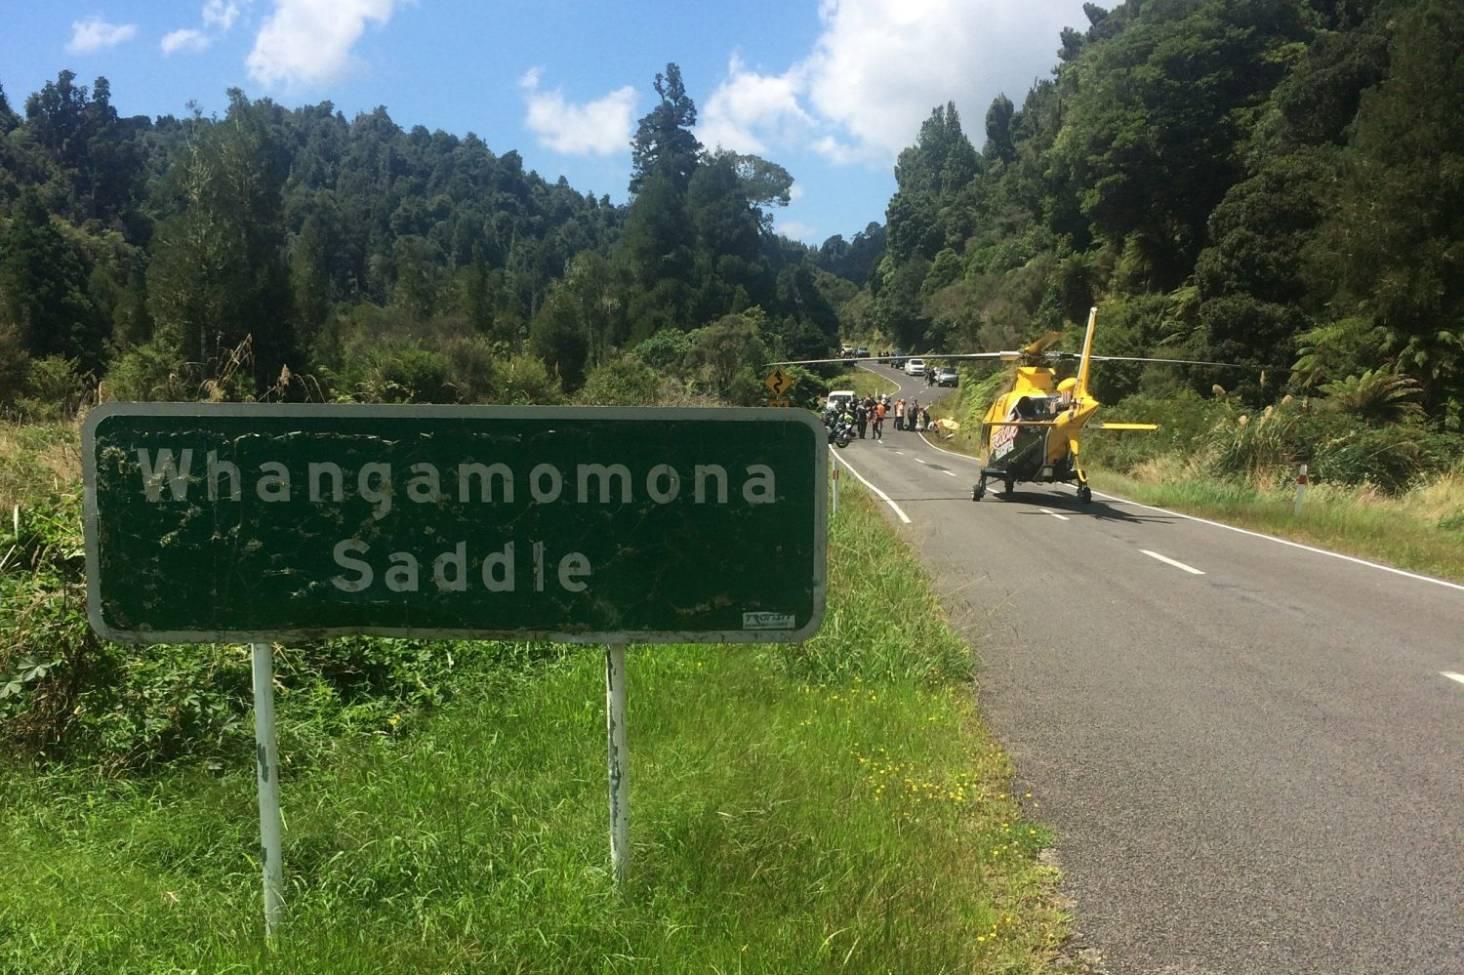 Whangamomona Saddle, New Zealand @stuff